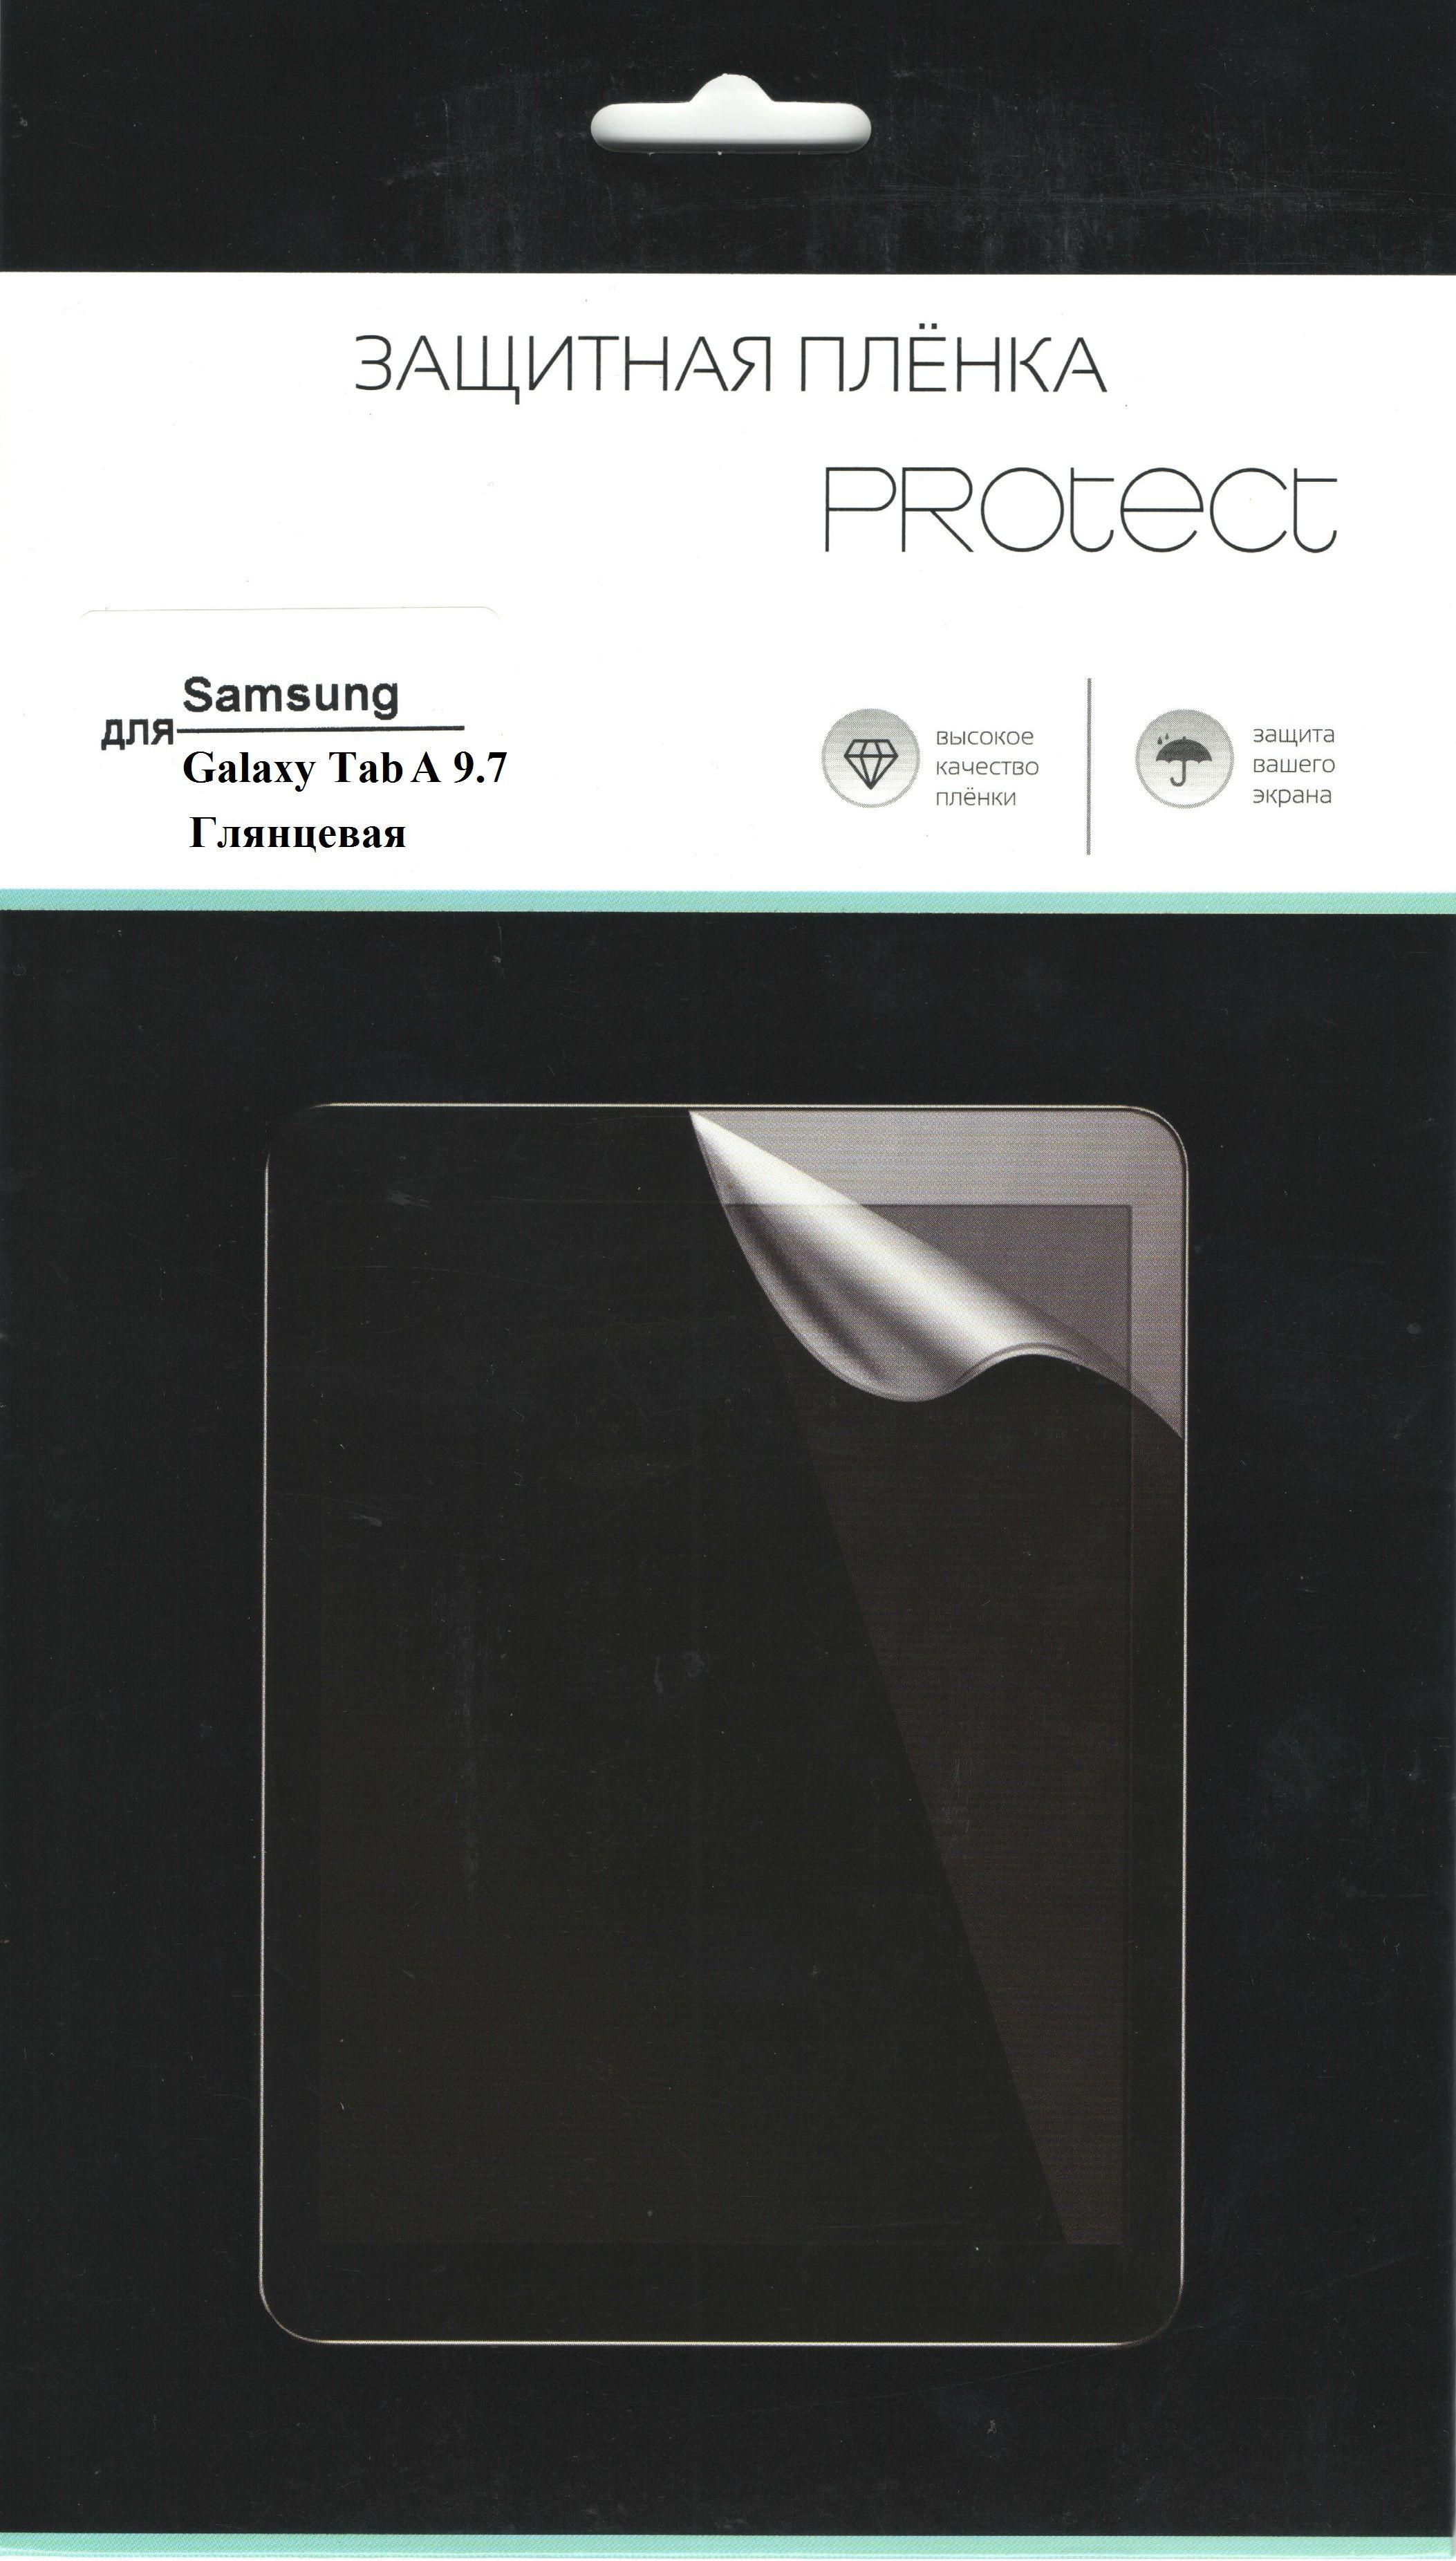 Купить Protect Защитная пленка для Samsung Galaxy Tab A 9.7 SM-T550/ SM-T551/ SM-T555 (глянцевая) в интернет магазине. Цены, фото, описания, характеристики, отзывы, обзоры